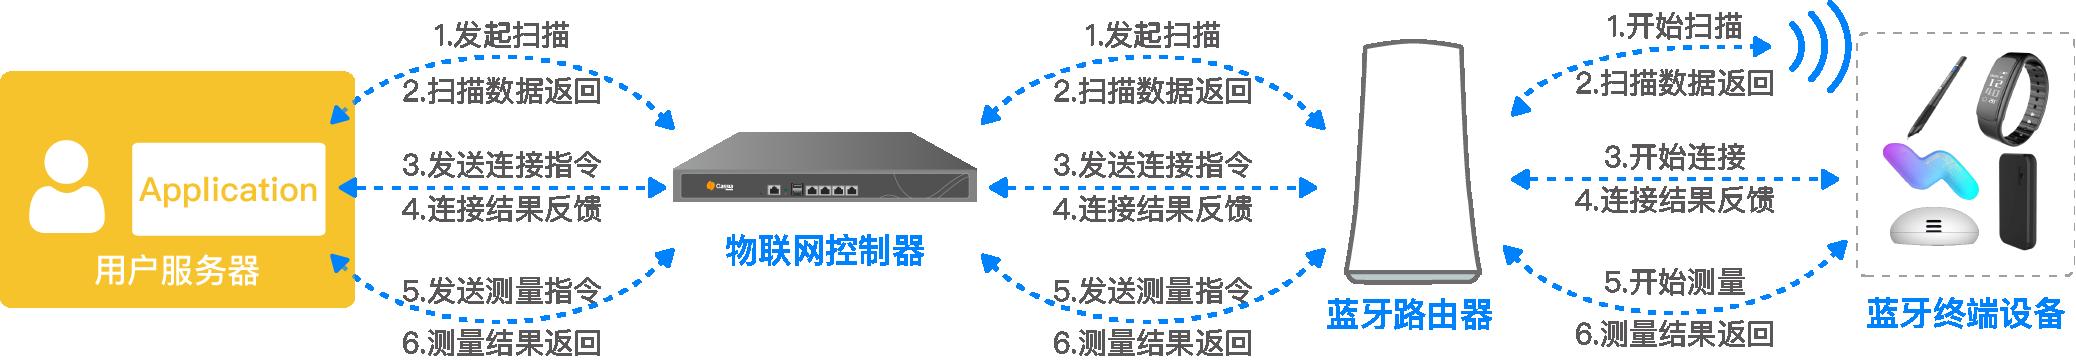 Application位于用户自己的服务器或电脑